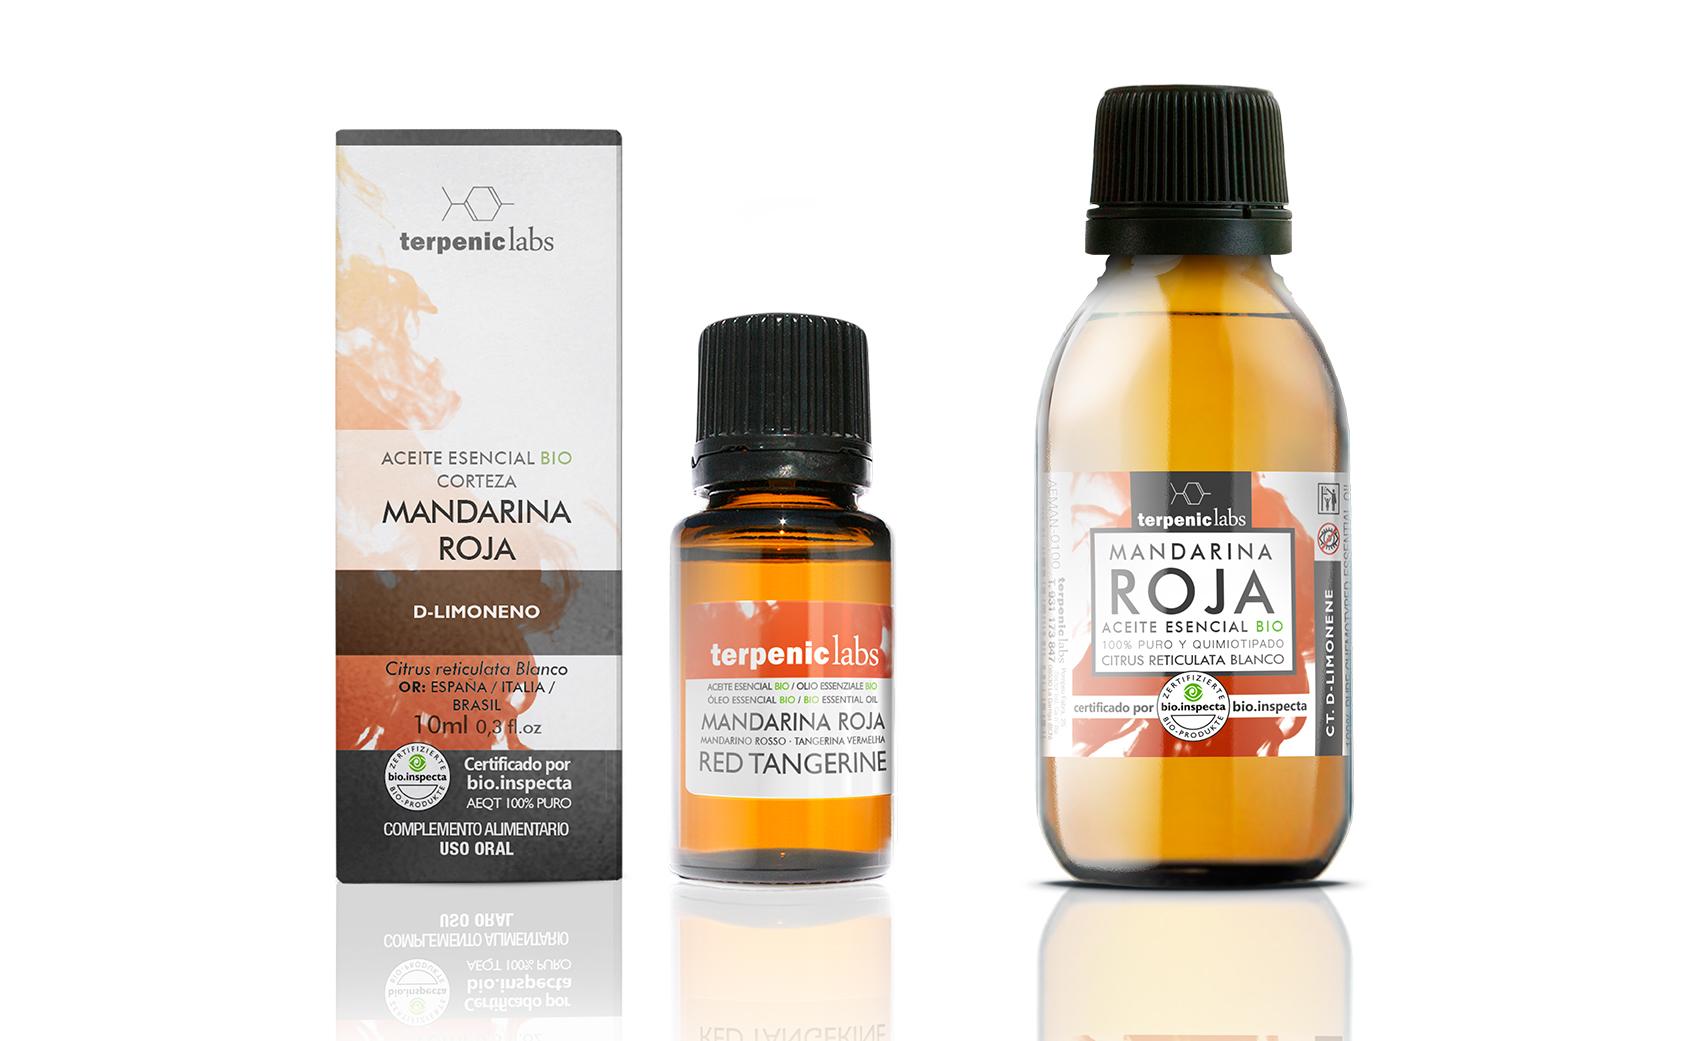 Mandarina Roja - Terpenic Labs